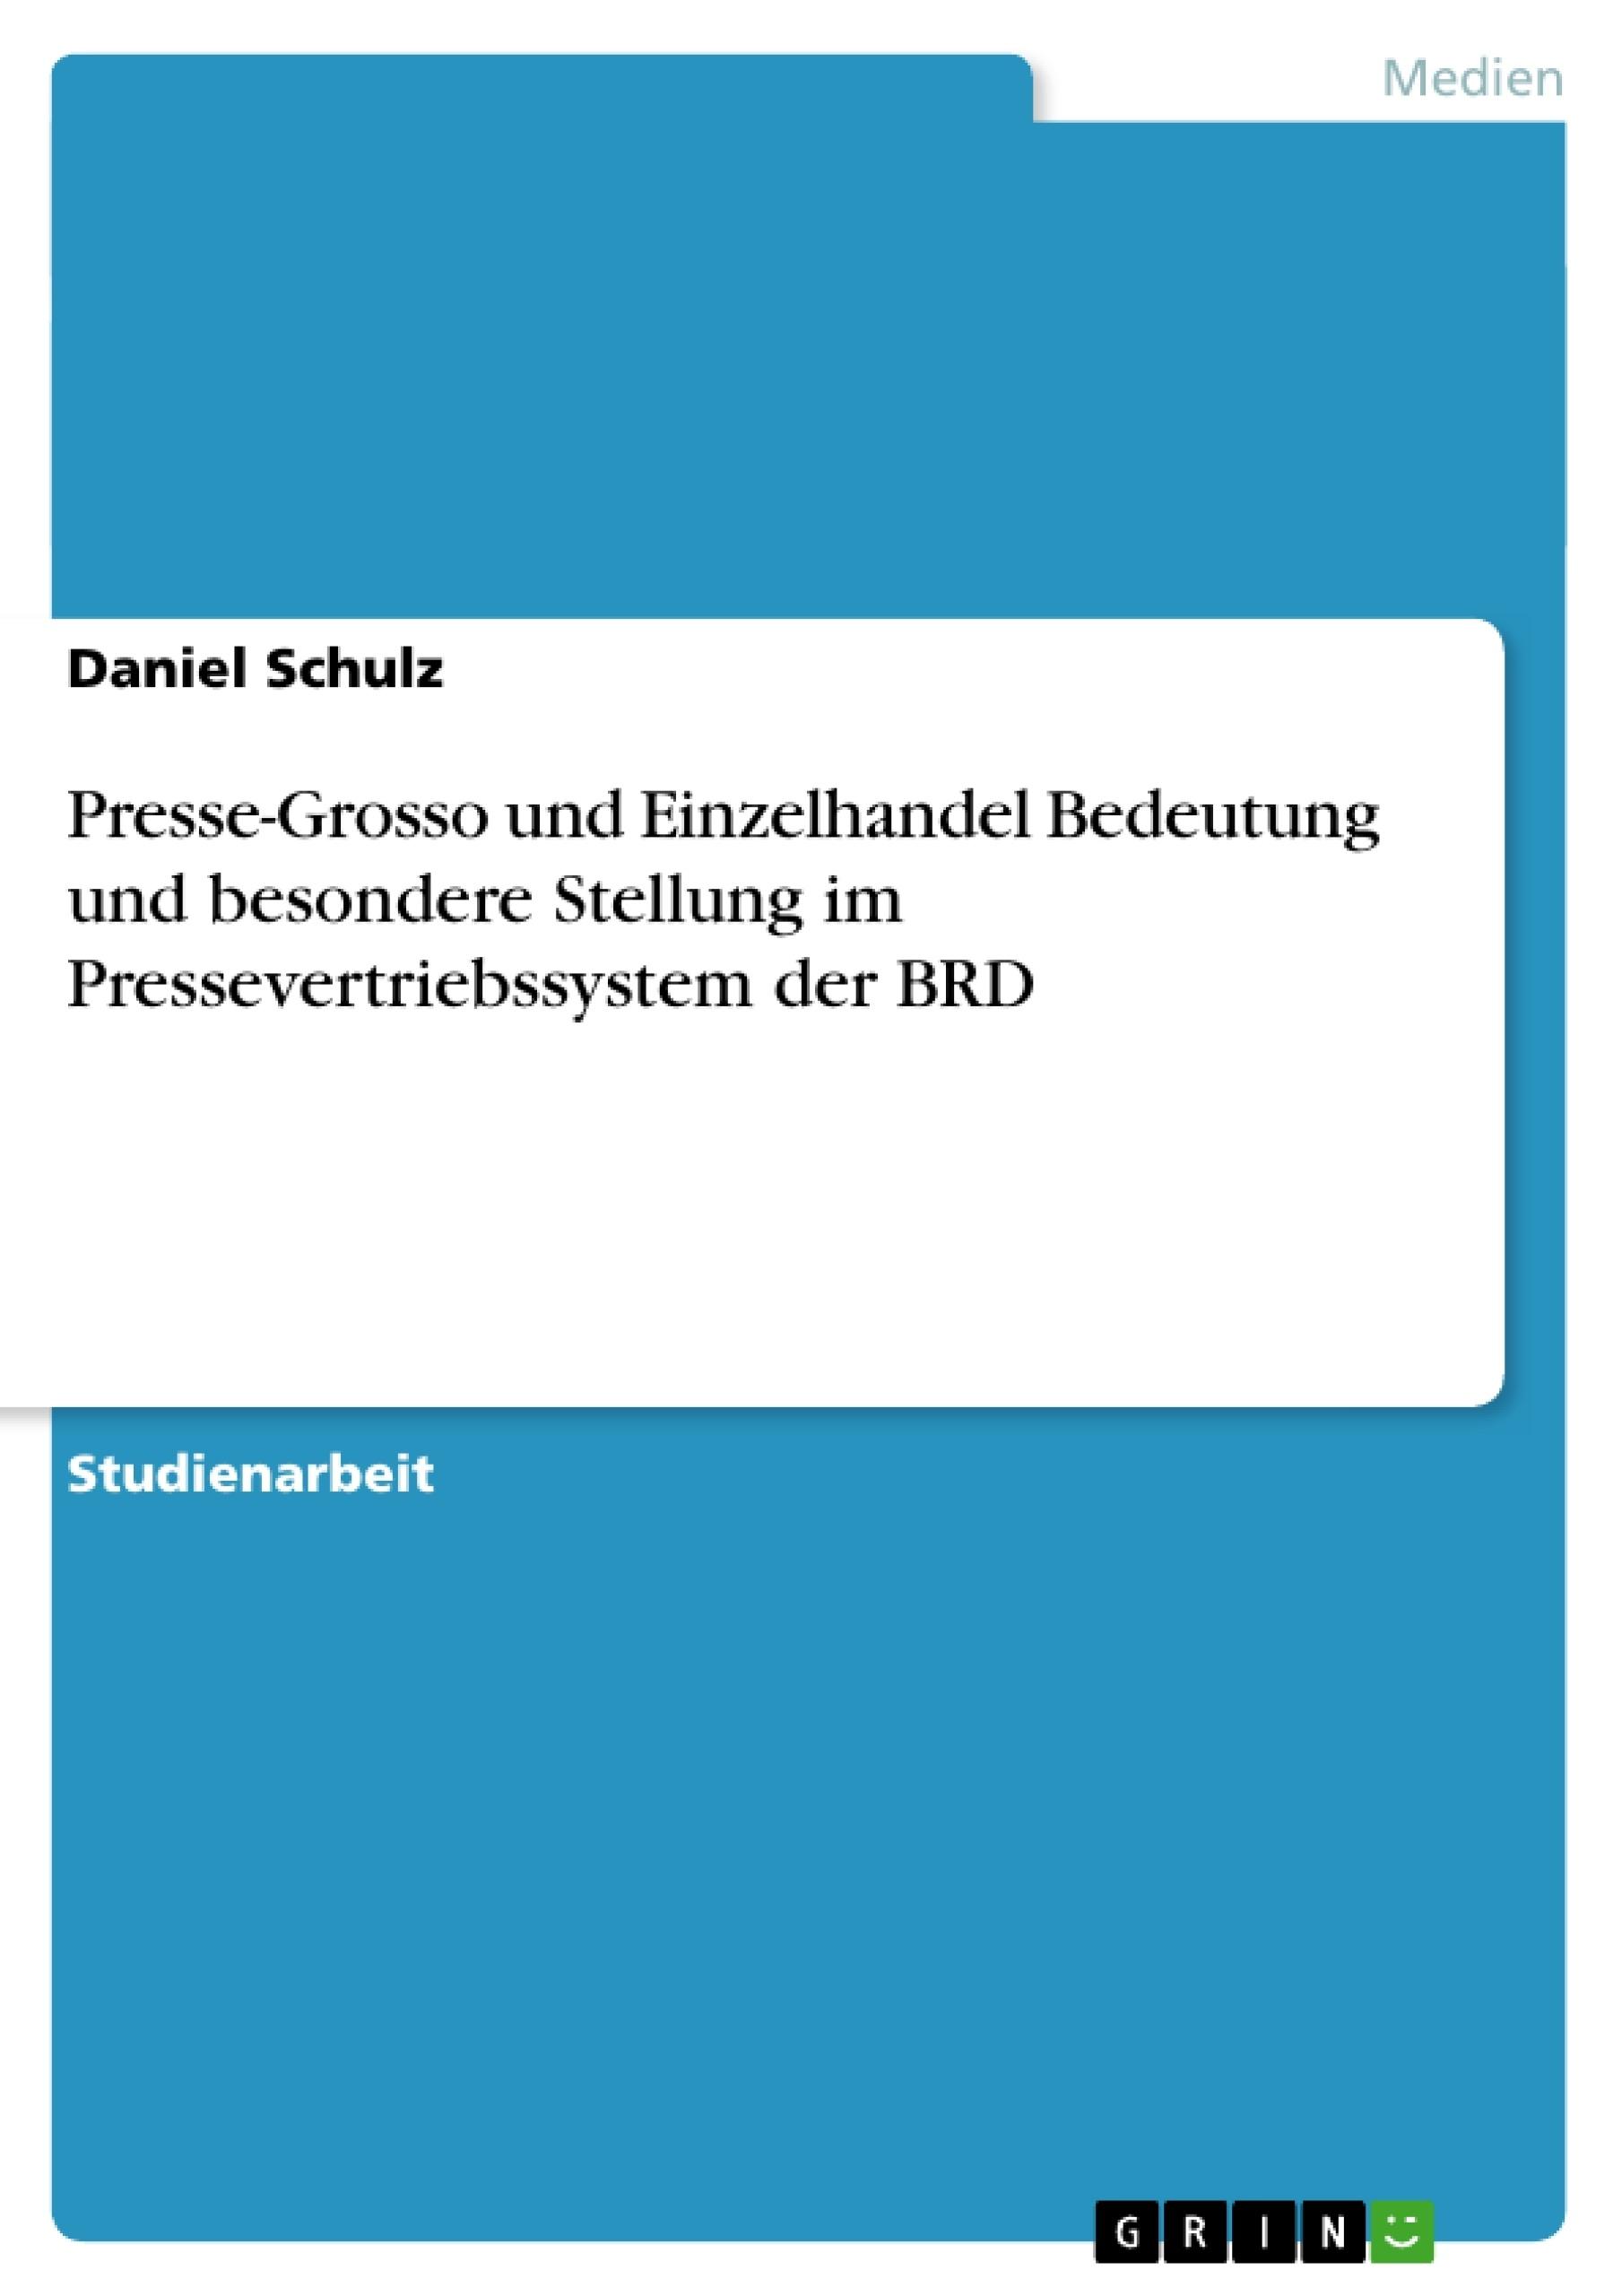 Titel: Presse-Grosso und Einzelhandel Bedeutung und besondere Stellung im Pressevertriebssystem der BRD